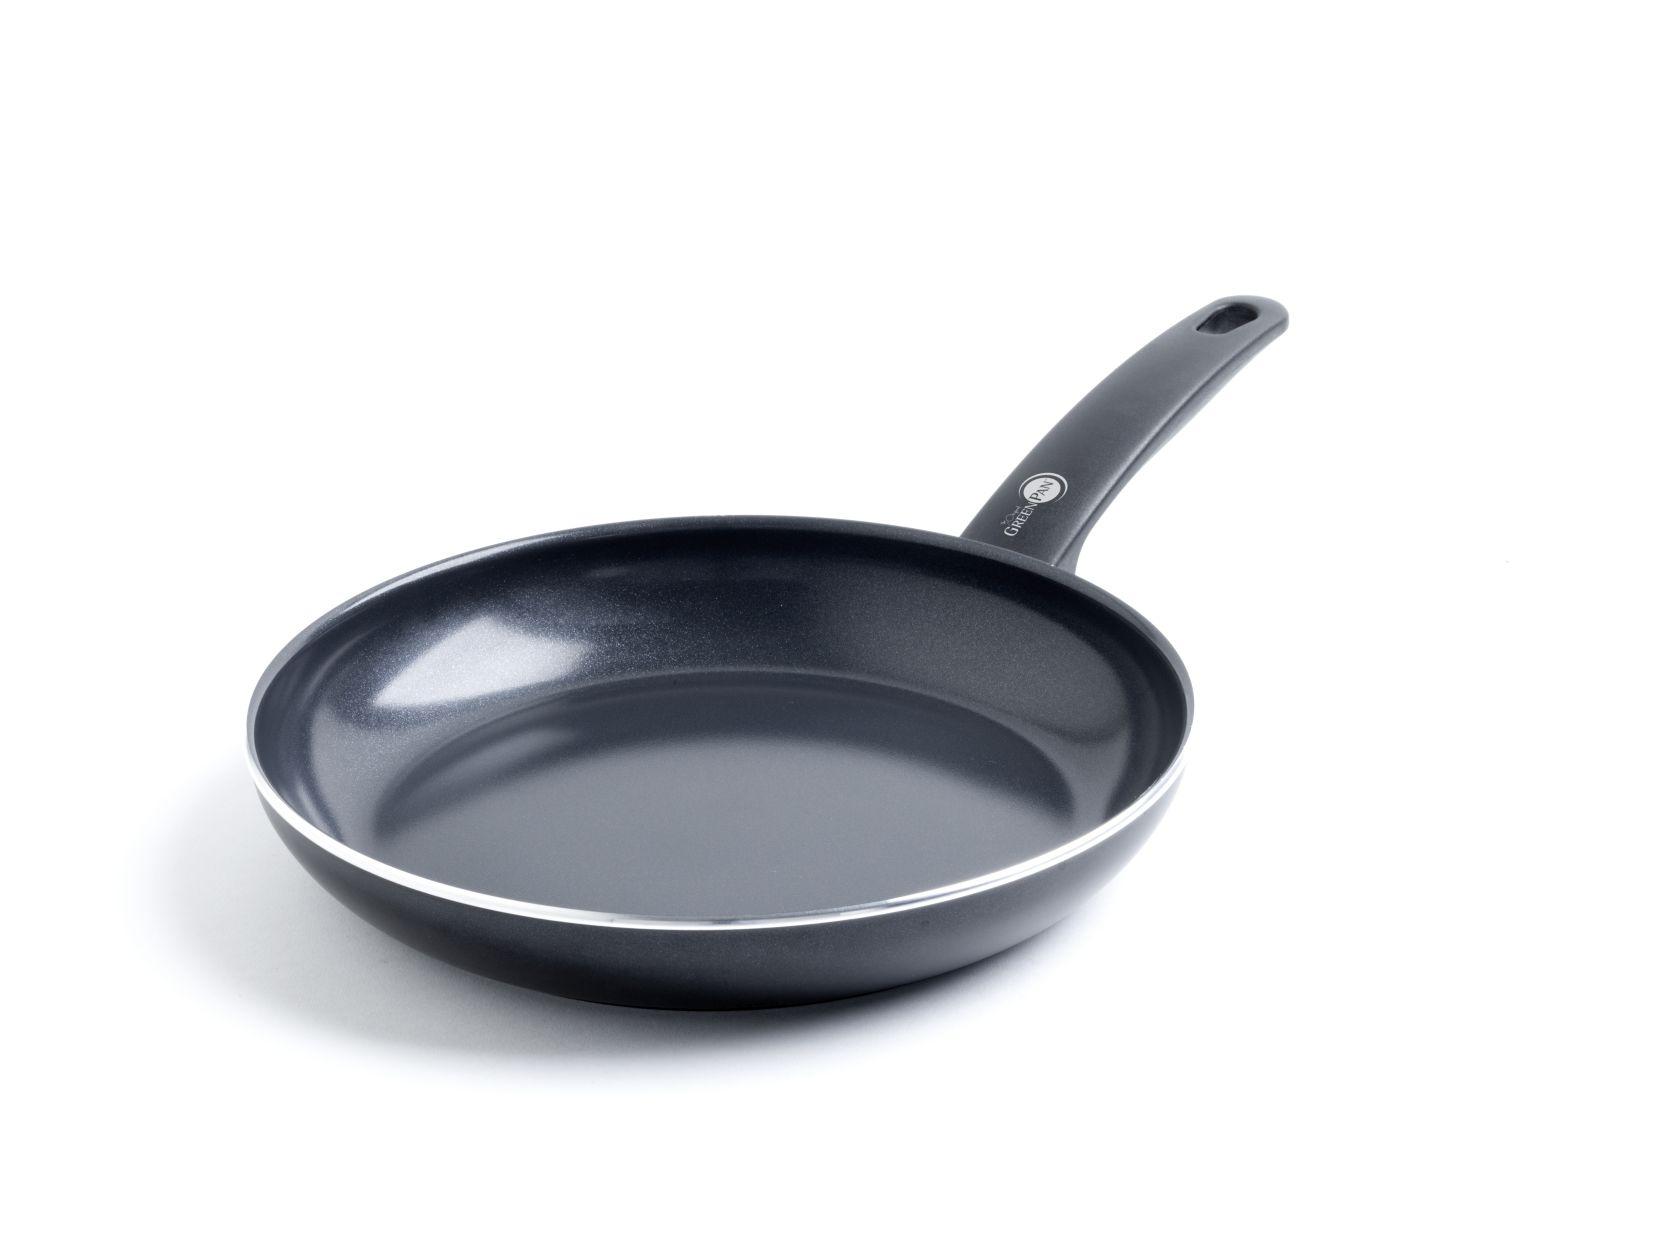 Pánev Cambridge Black 24 cm - GreenPan